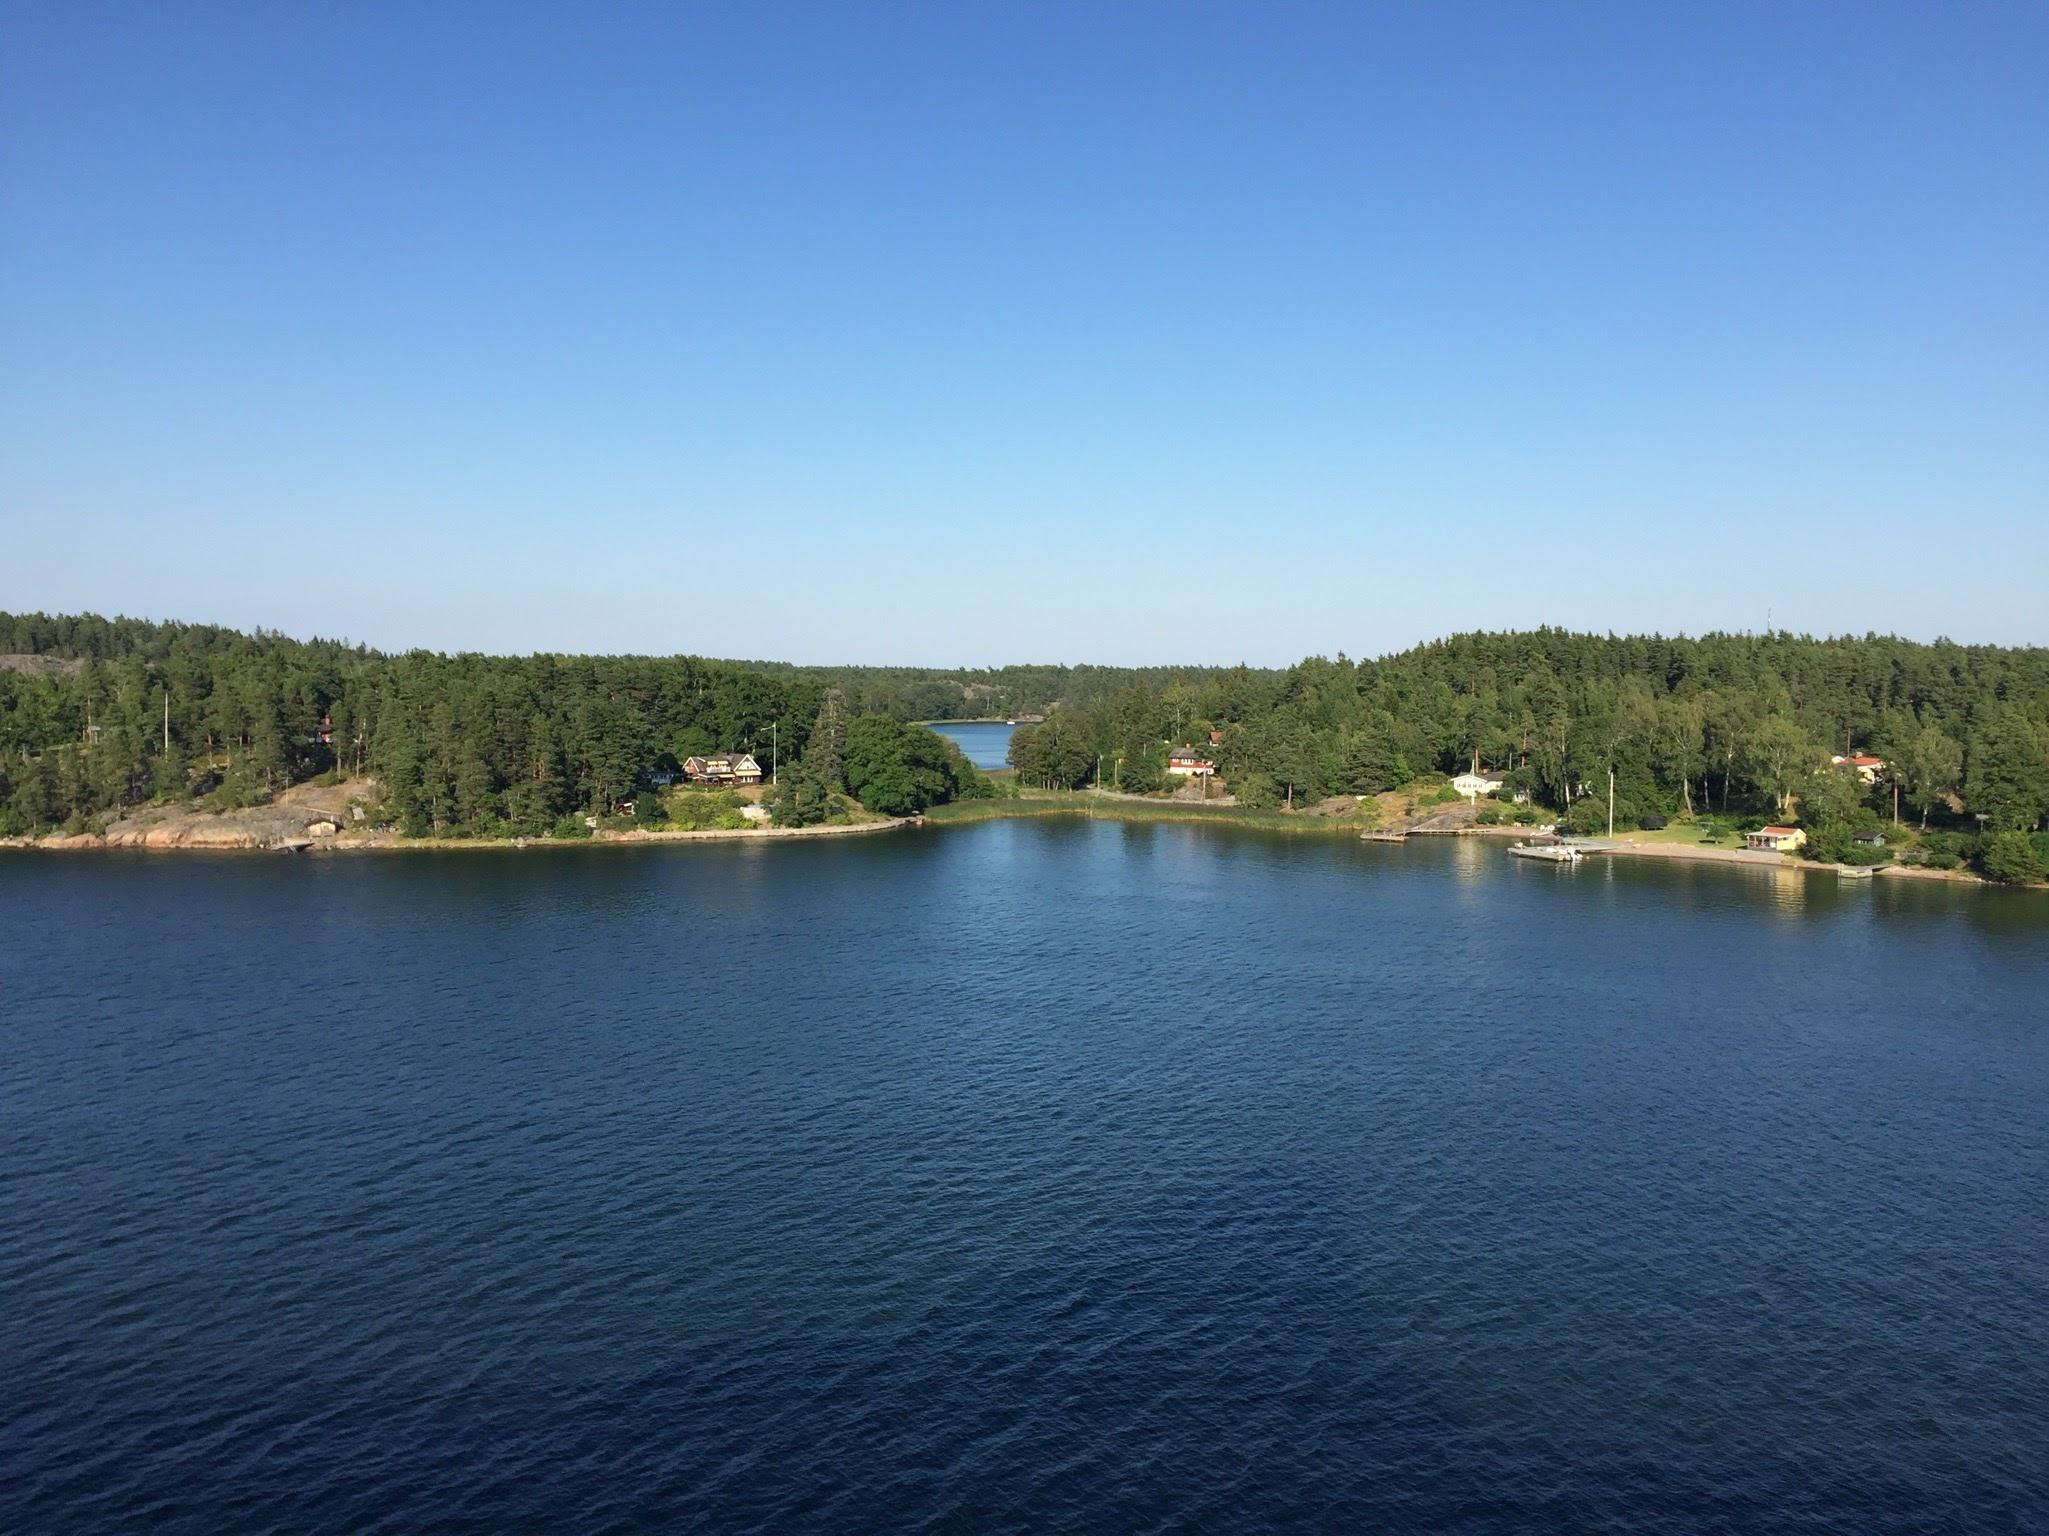 swe_tallinksilja2